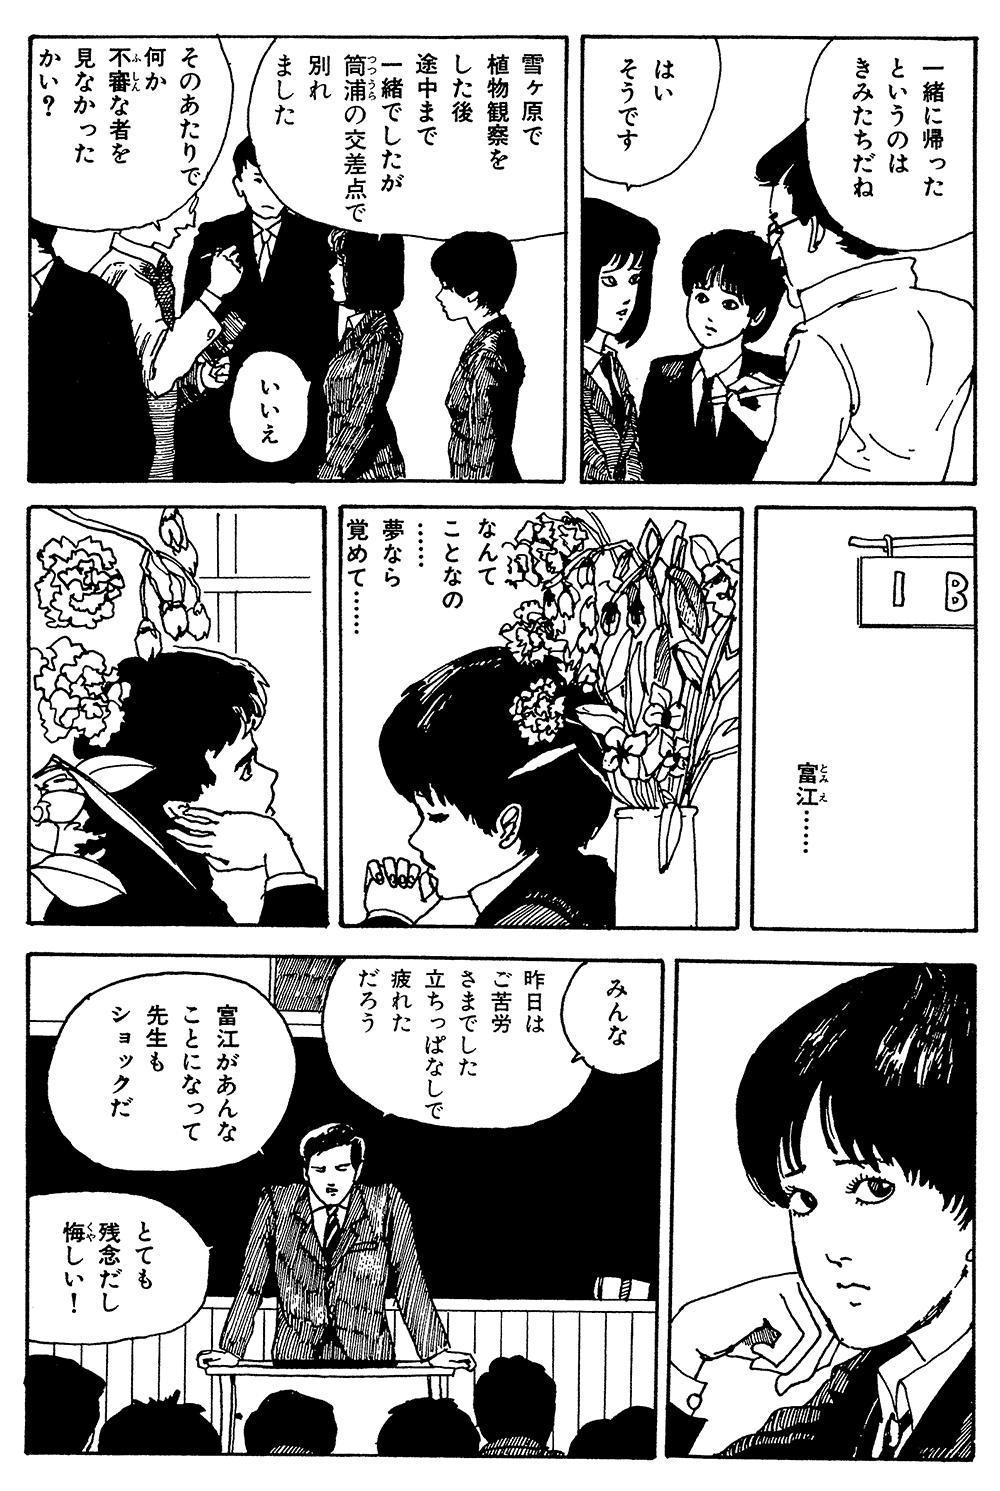 伊藤潤二傑作集 第1話「富江」①tomie1-1-3.jpg